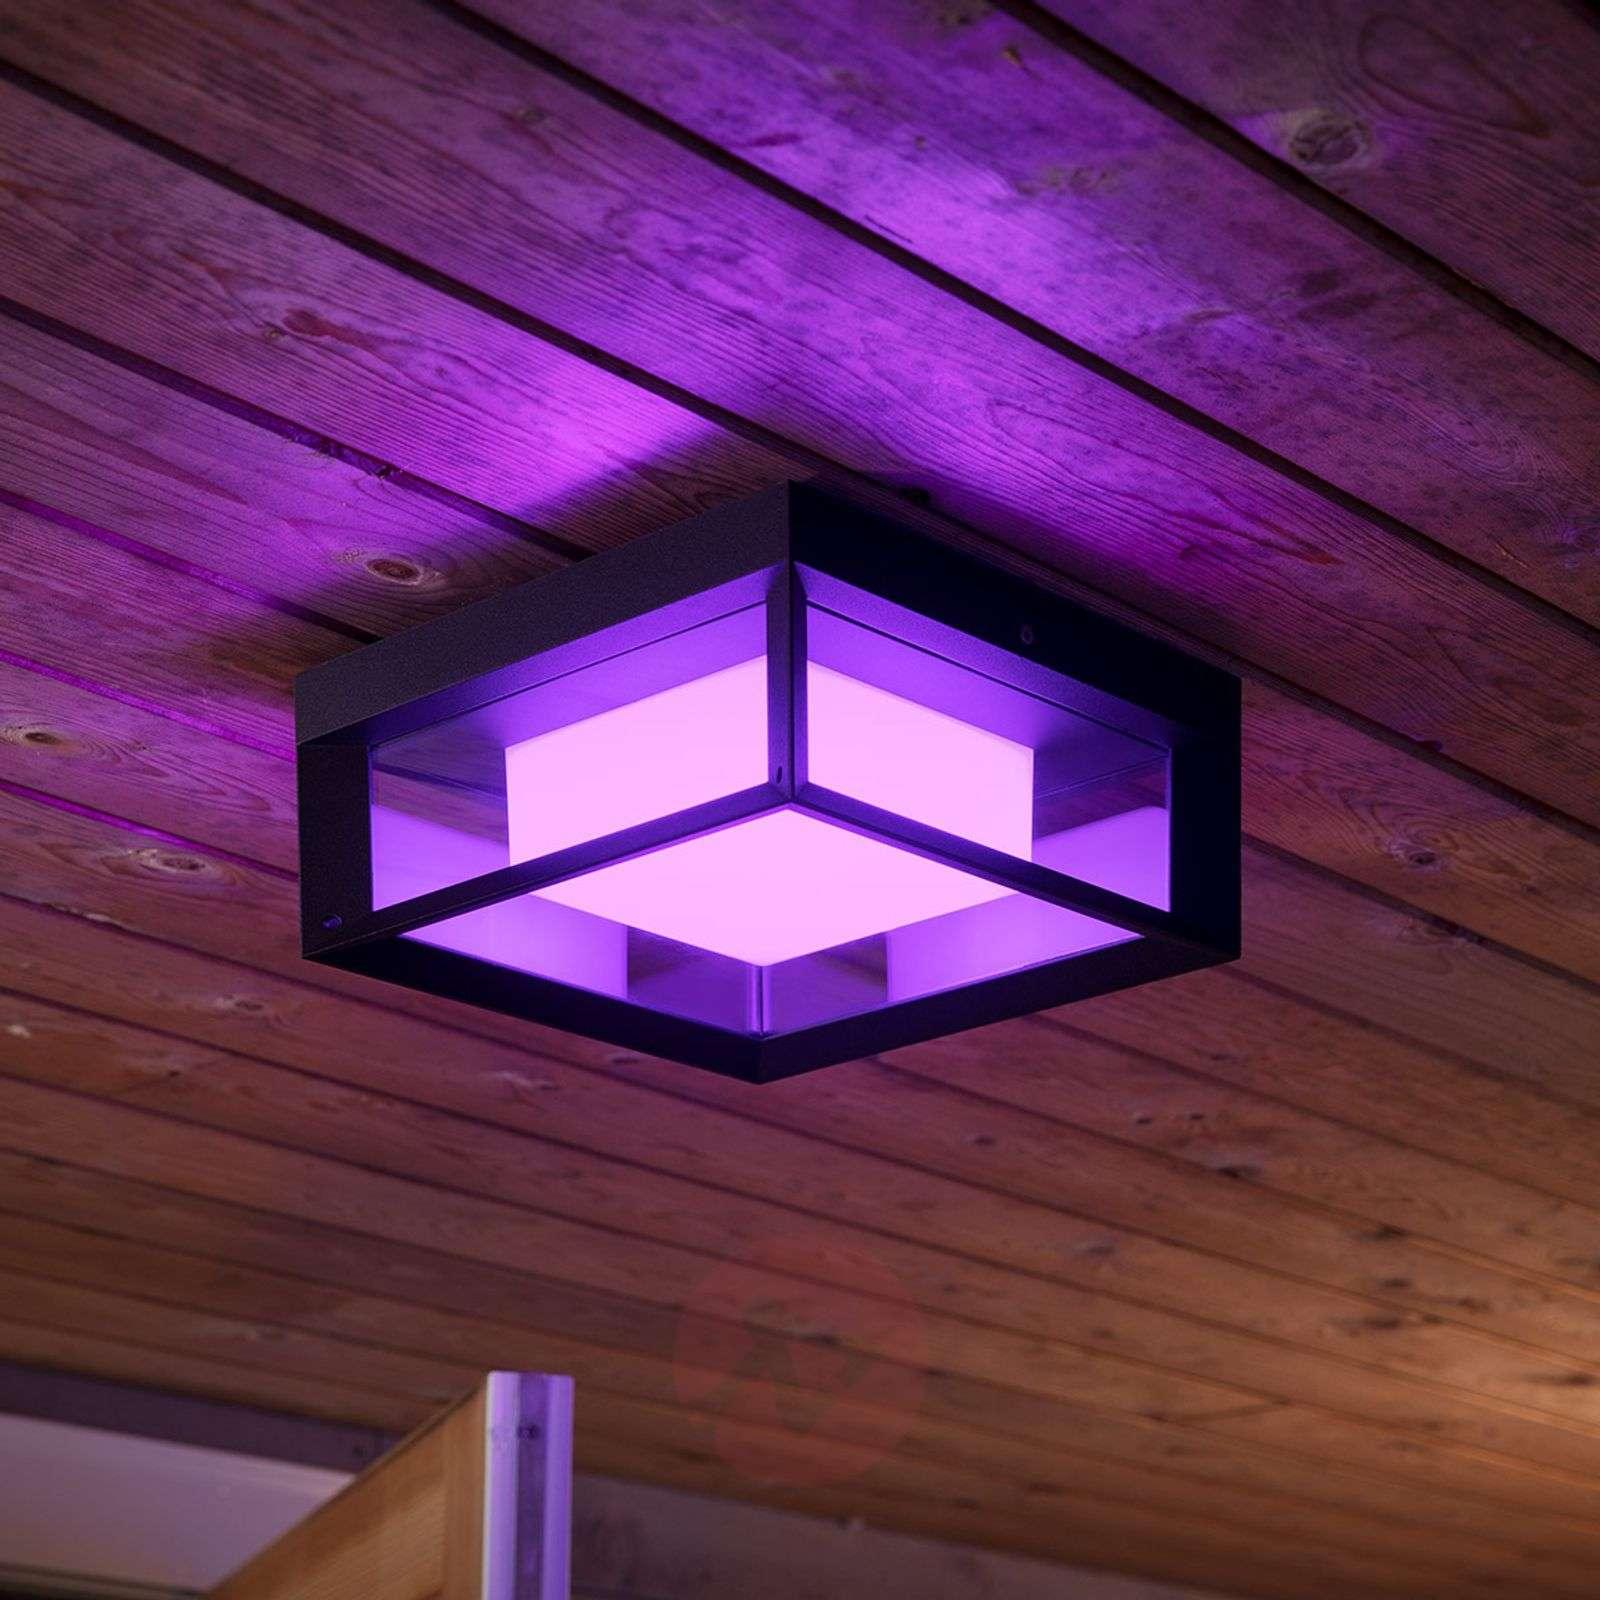 Philips Hue White+Color Econic wall light, angular-7534116-02